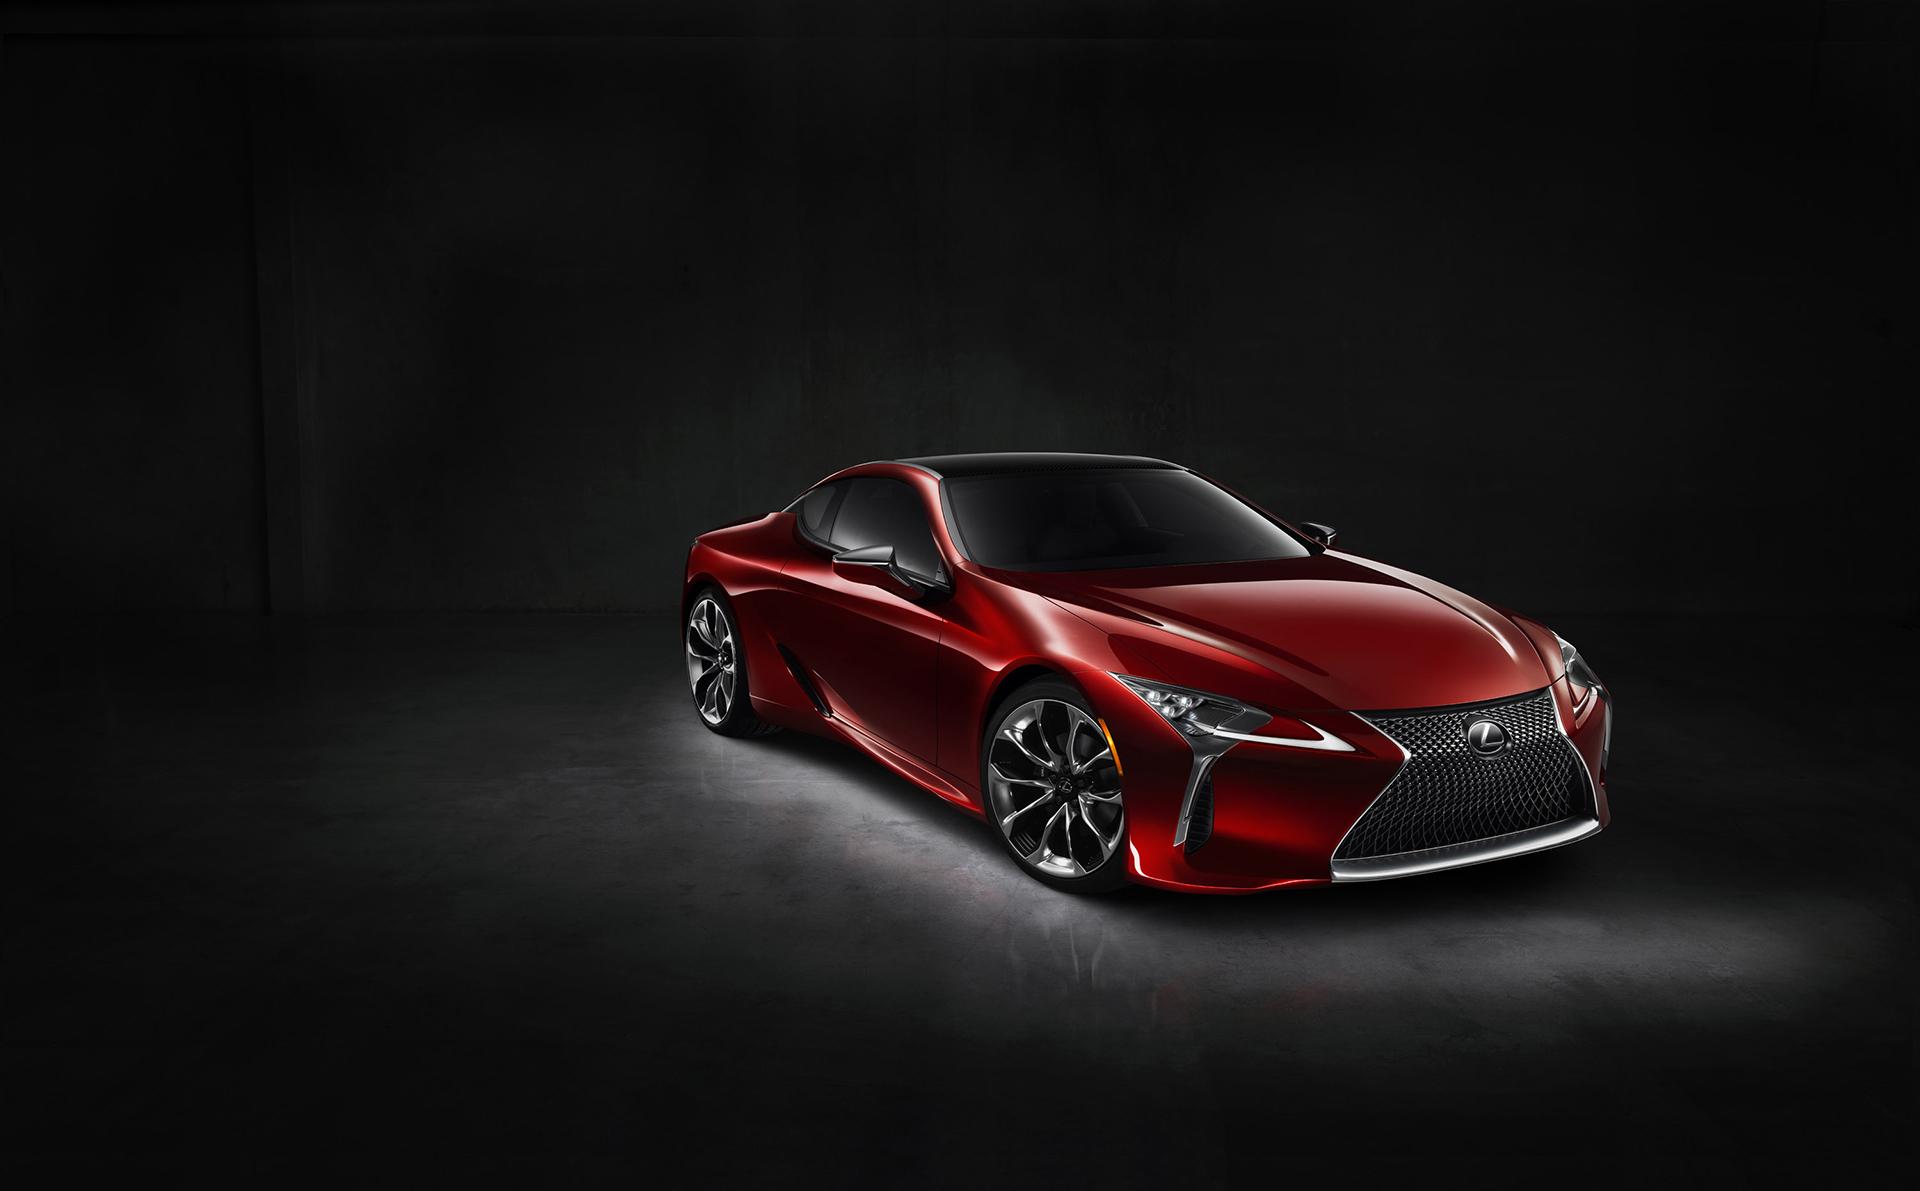 Lexus LC 500 - 2016 - front side-face / profil avant